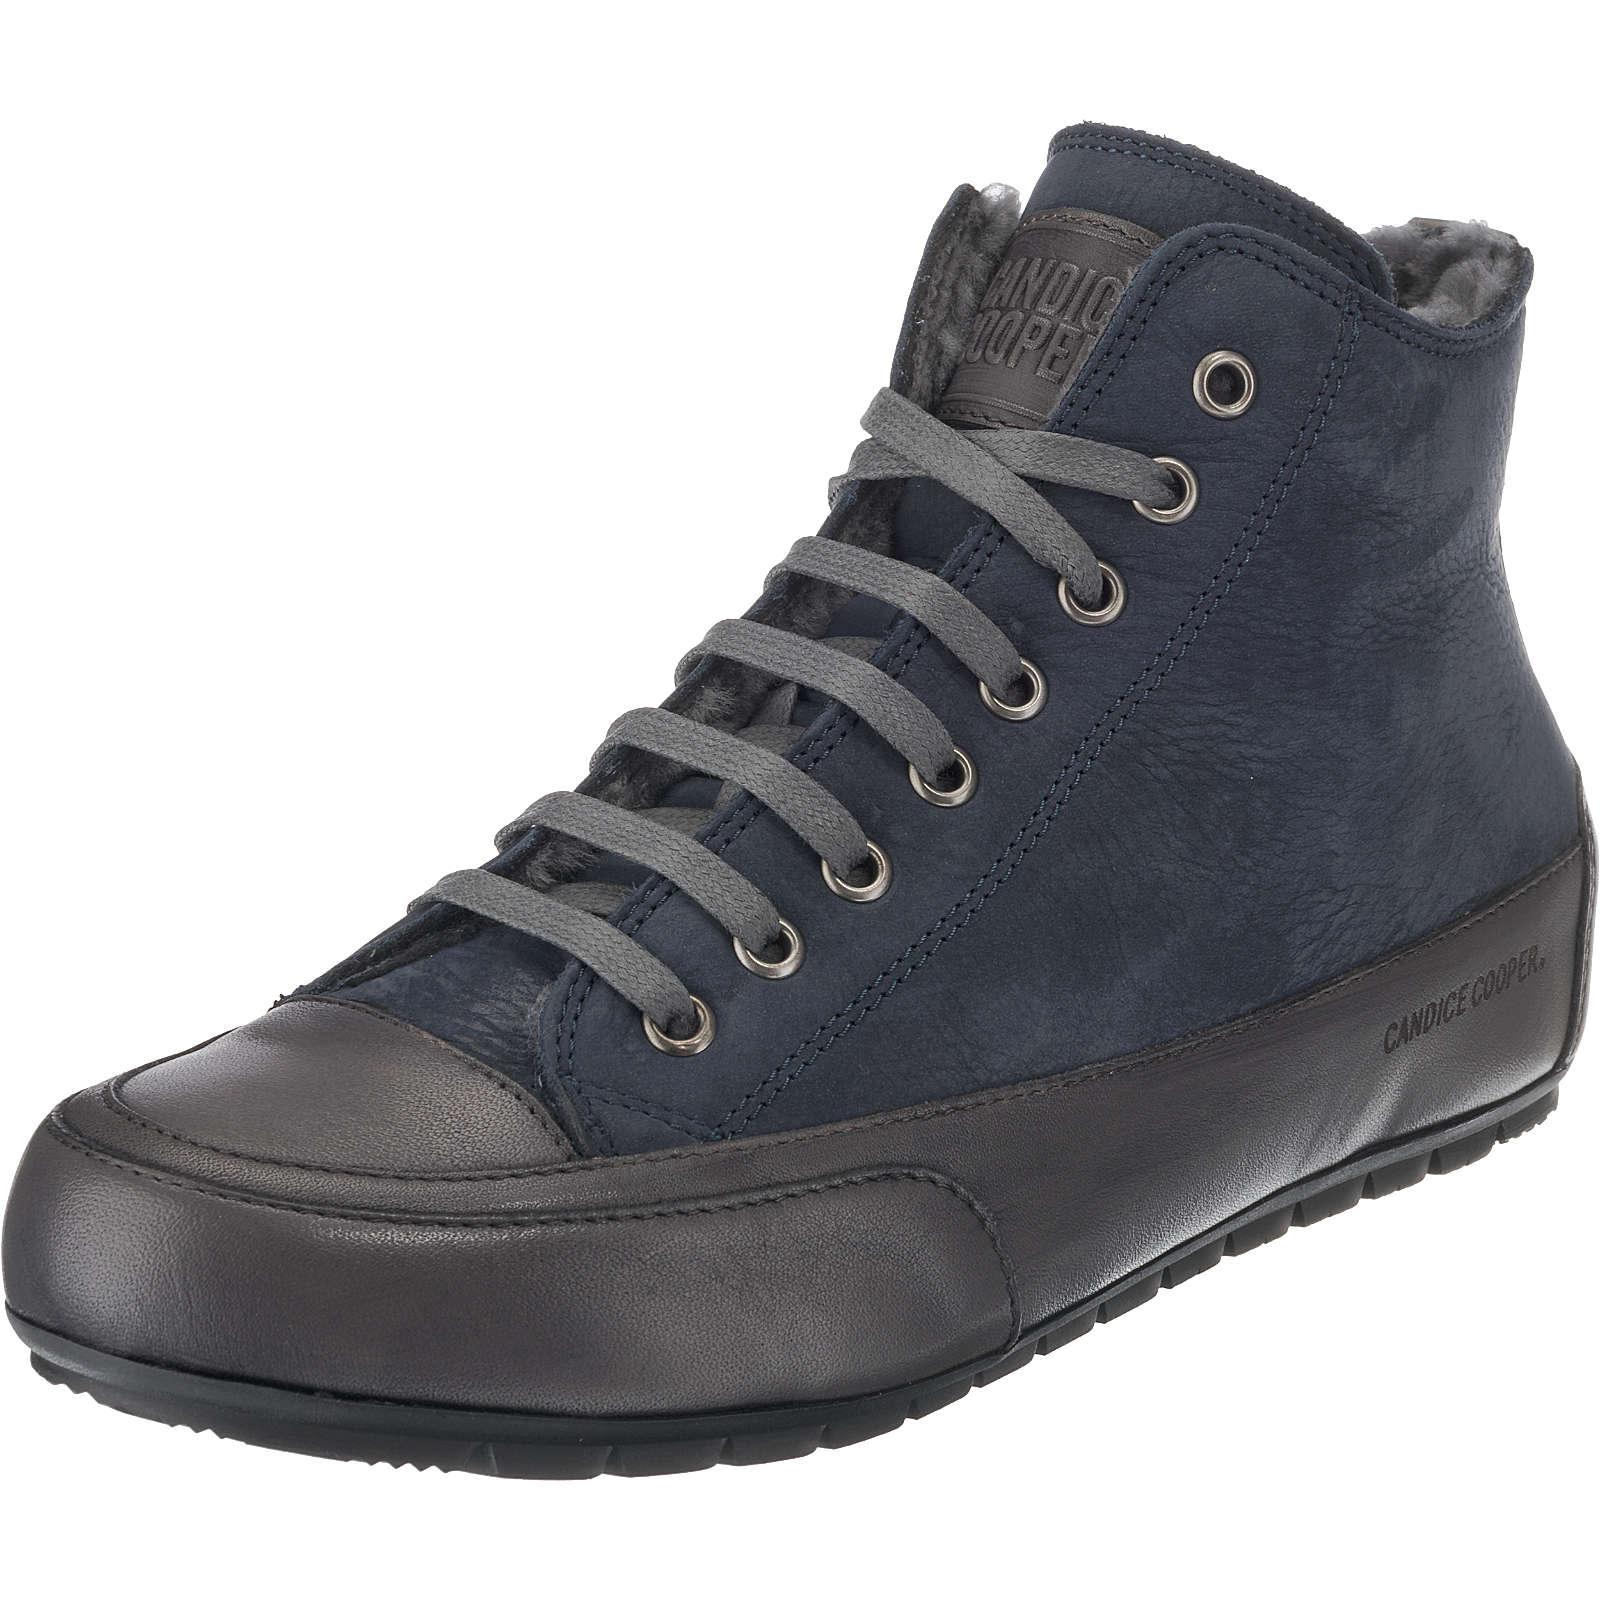 Candice Cooper Sneakers High blau Damen Gr. 42